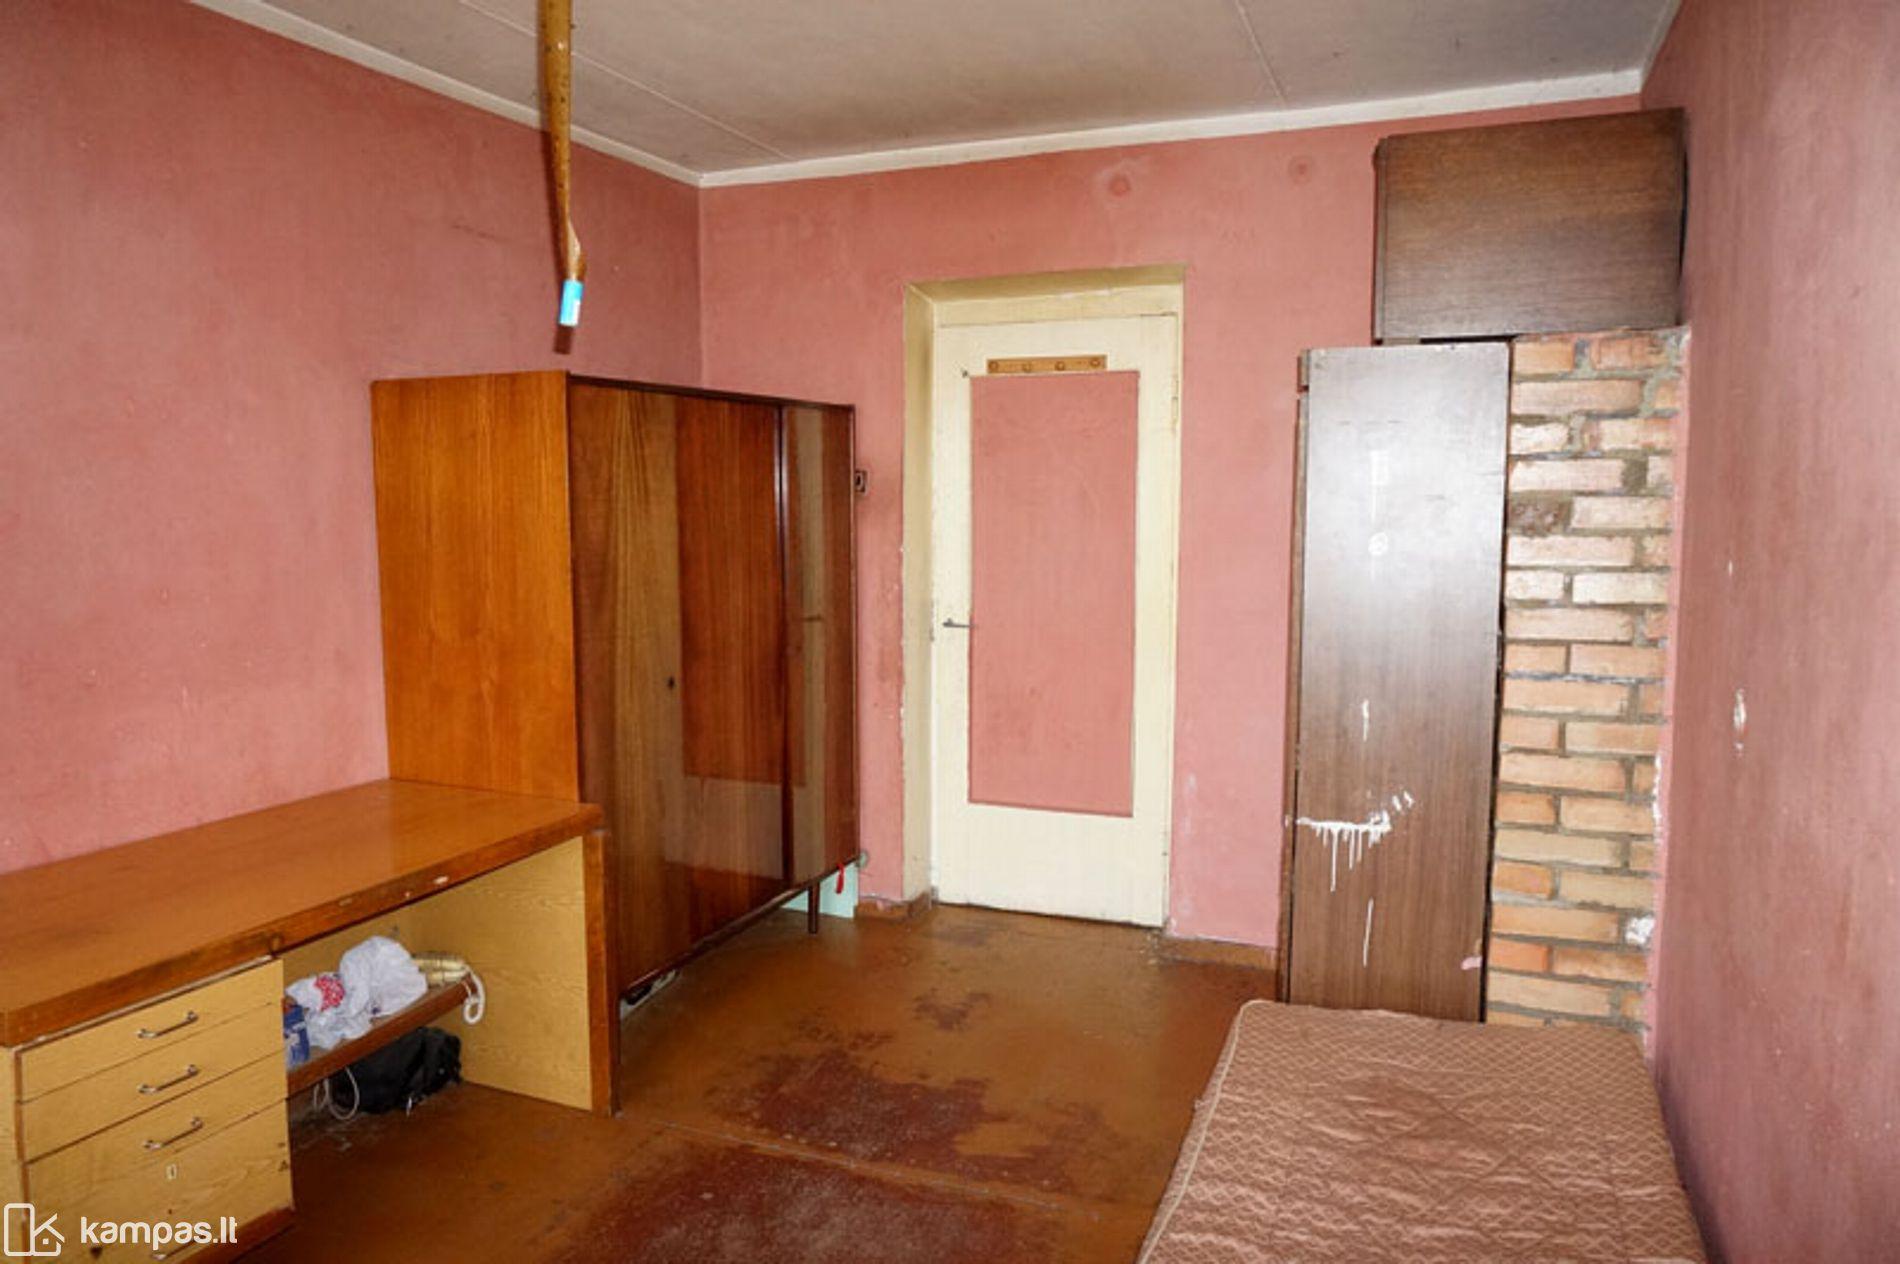 photo No.1 Utenos r. sav., Raudoniškis, Lauko g.